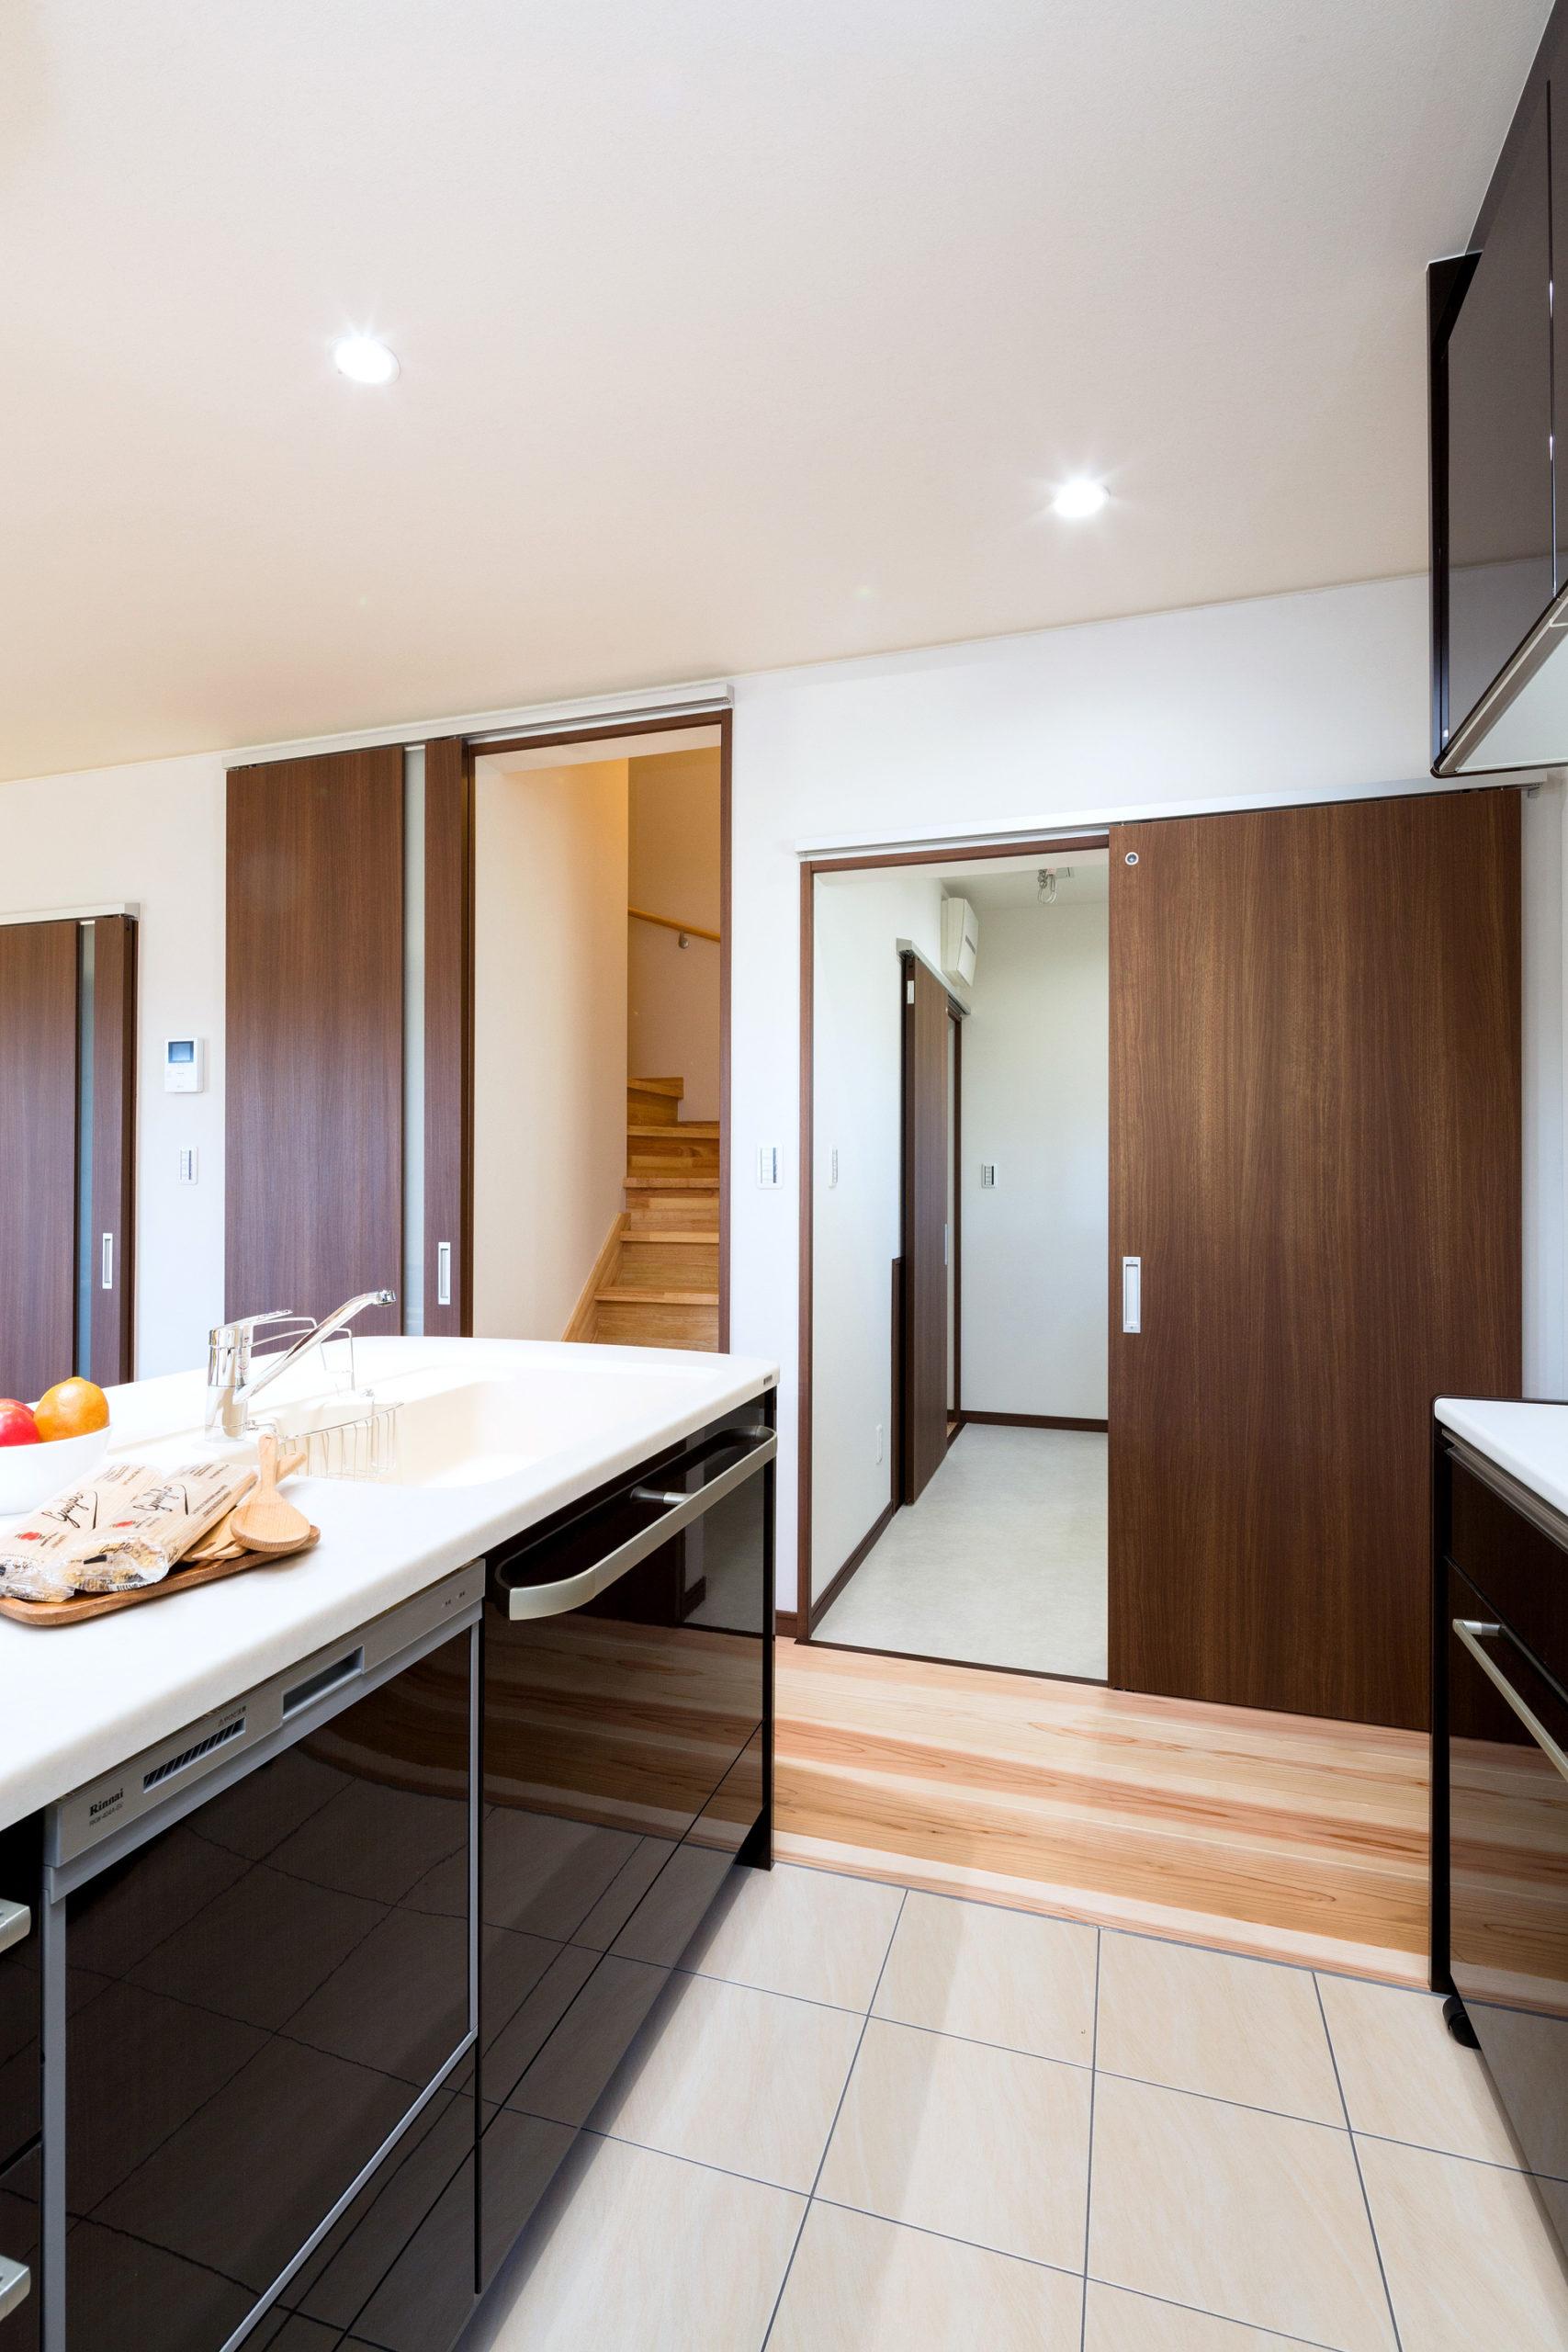 キッチンと洗面室は一直線の動線。